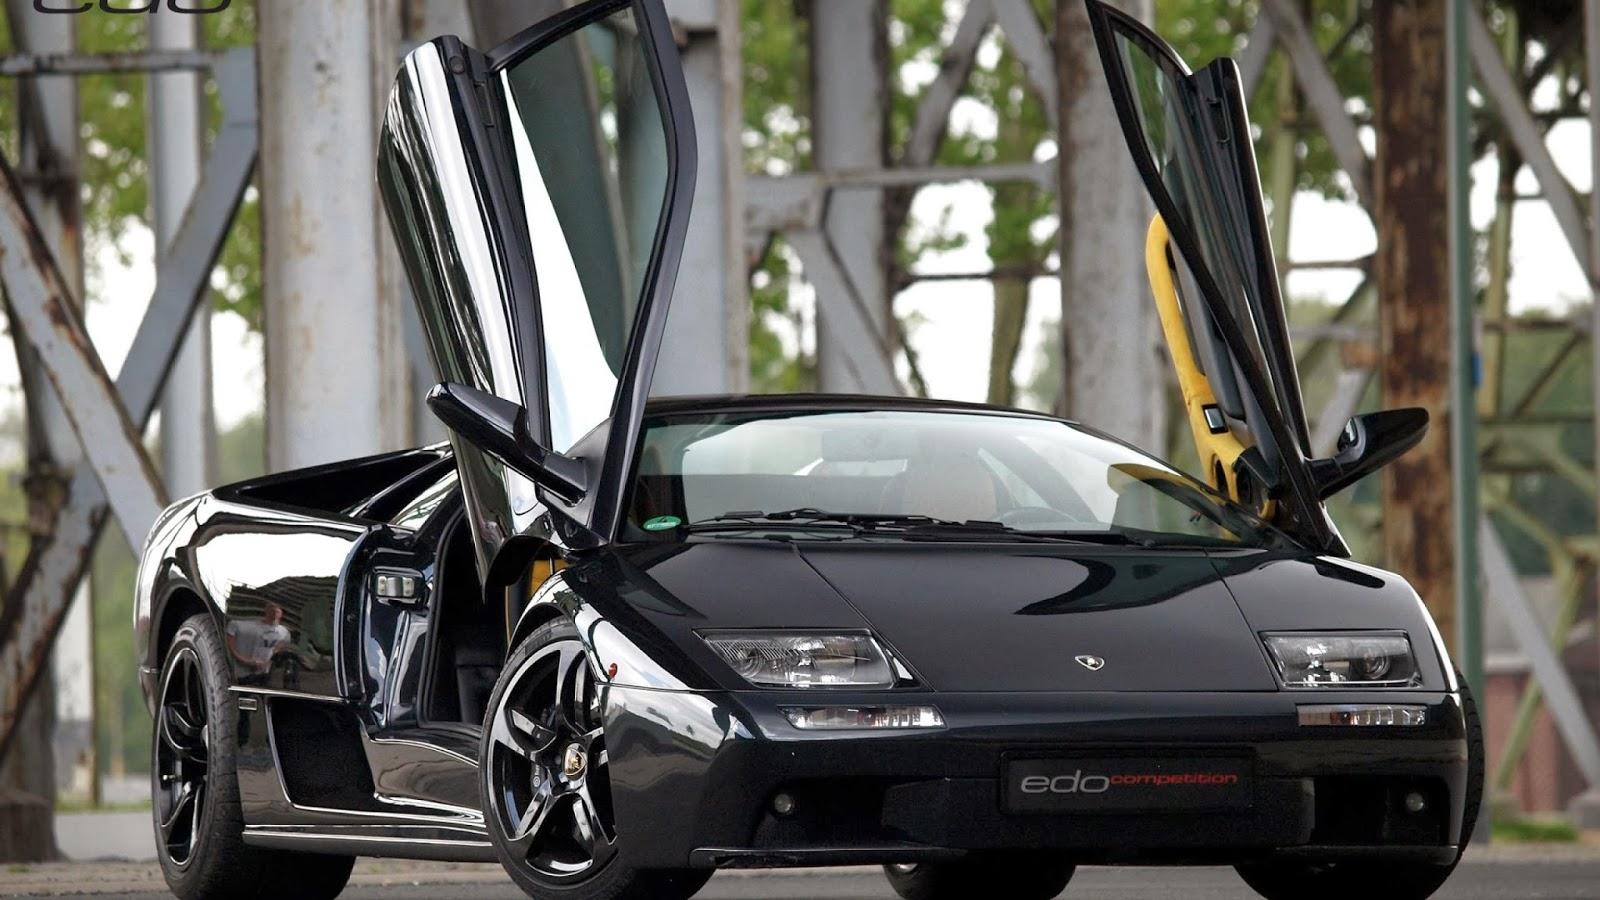 Lamborghini Diablo Negro New Car Modification